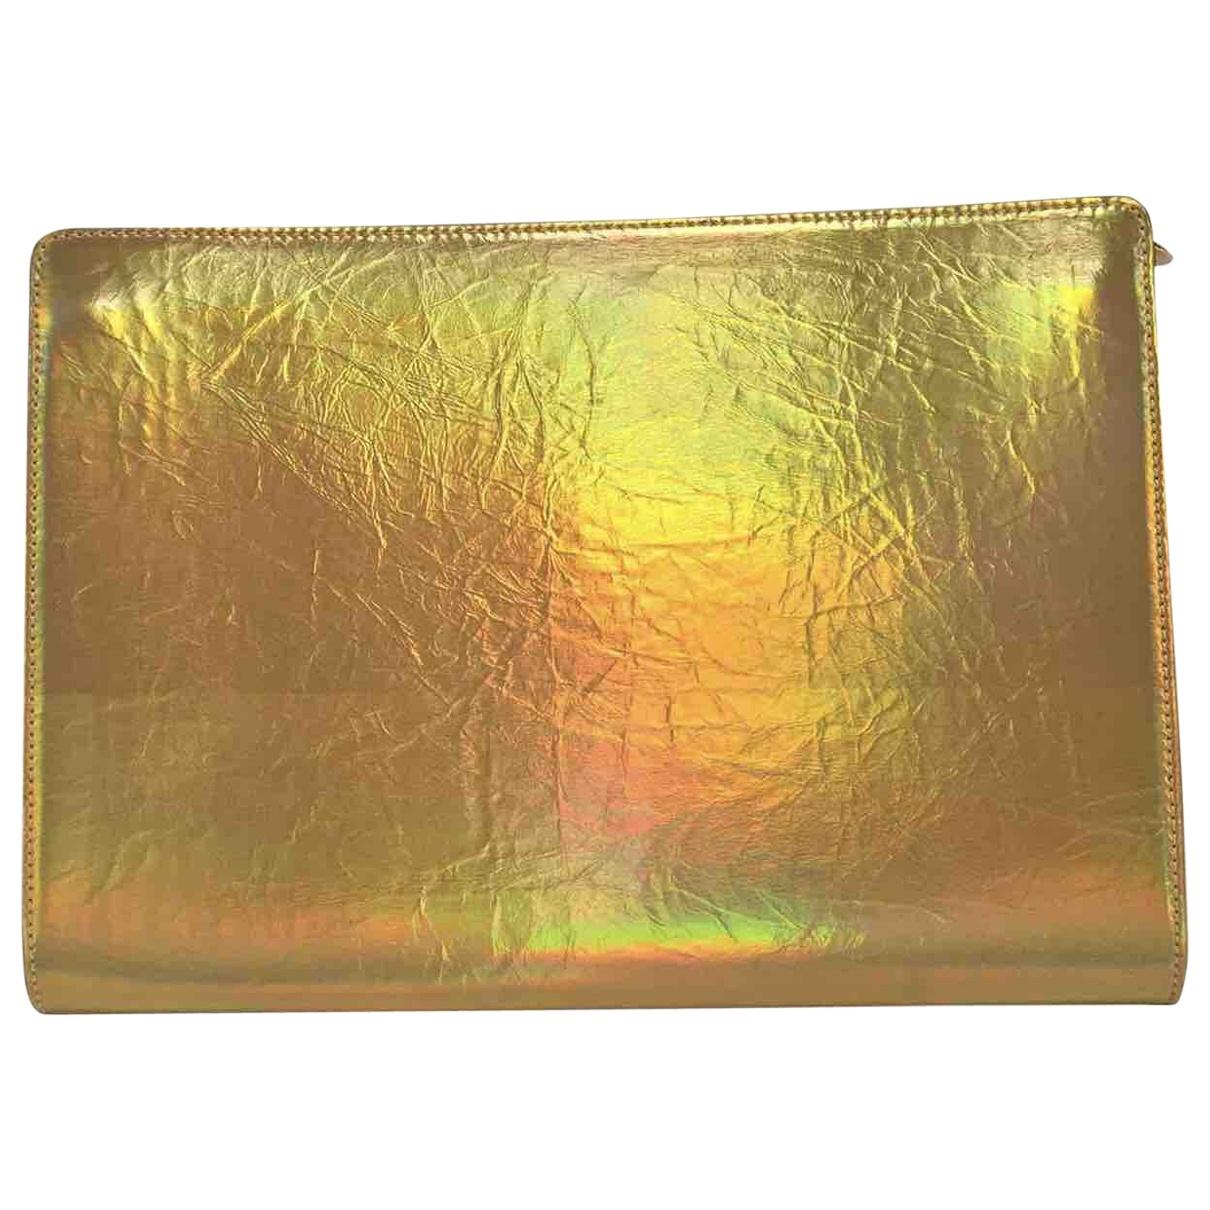 Stella Mccartney \N Gold Clutch bag for Women \N